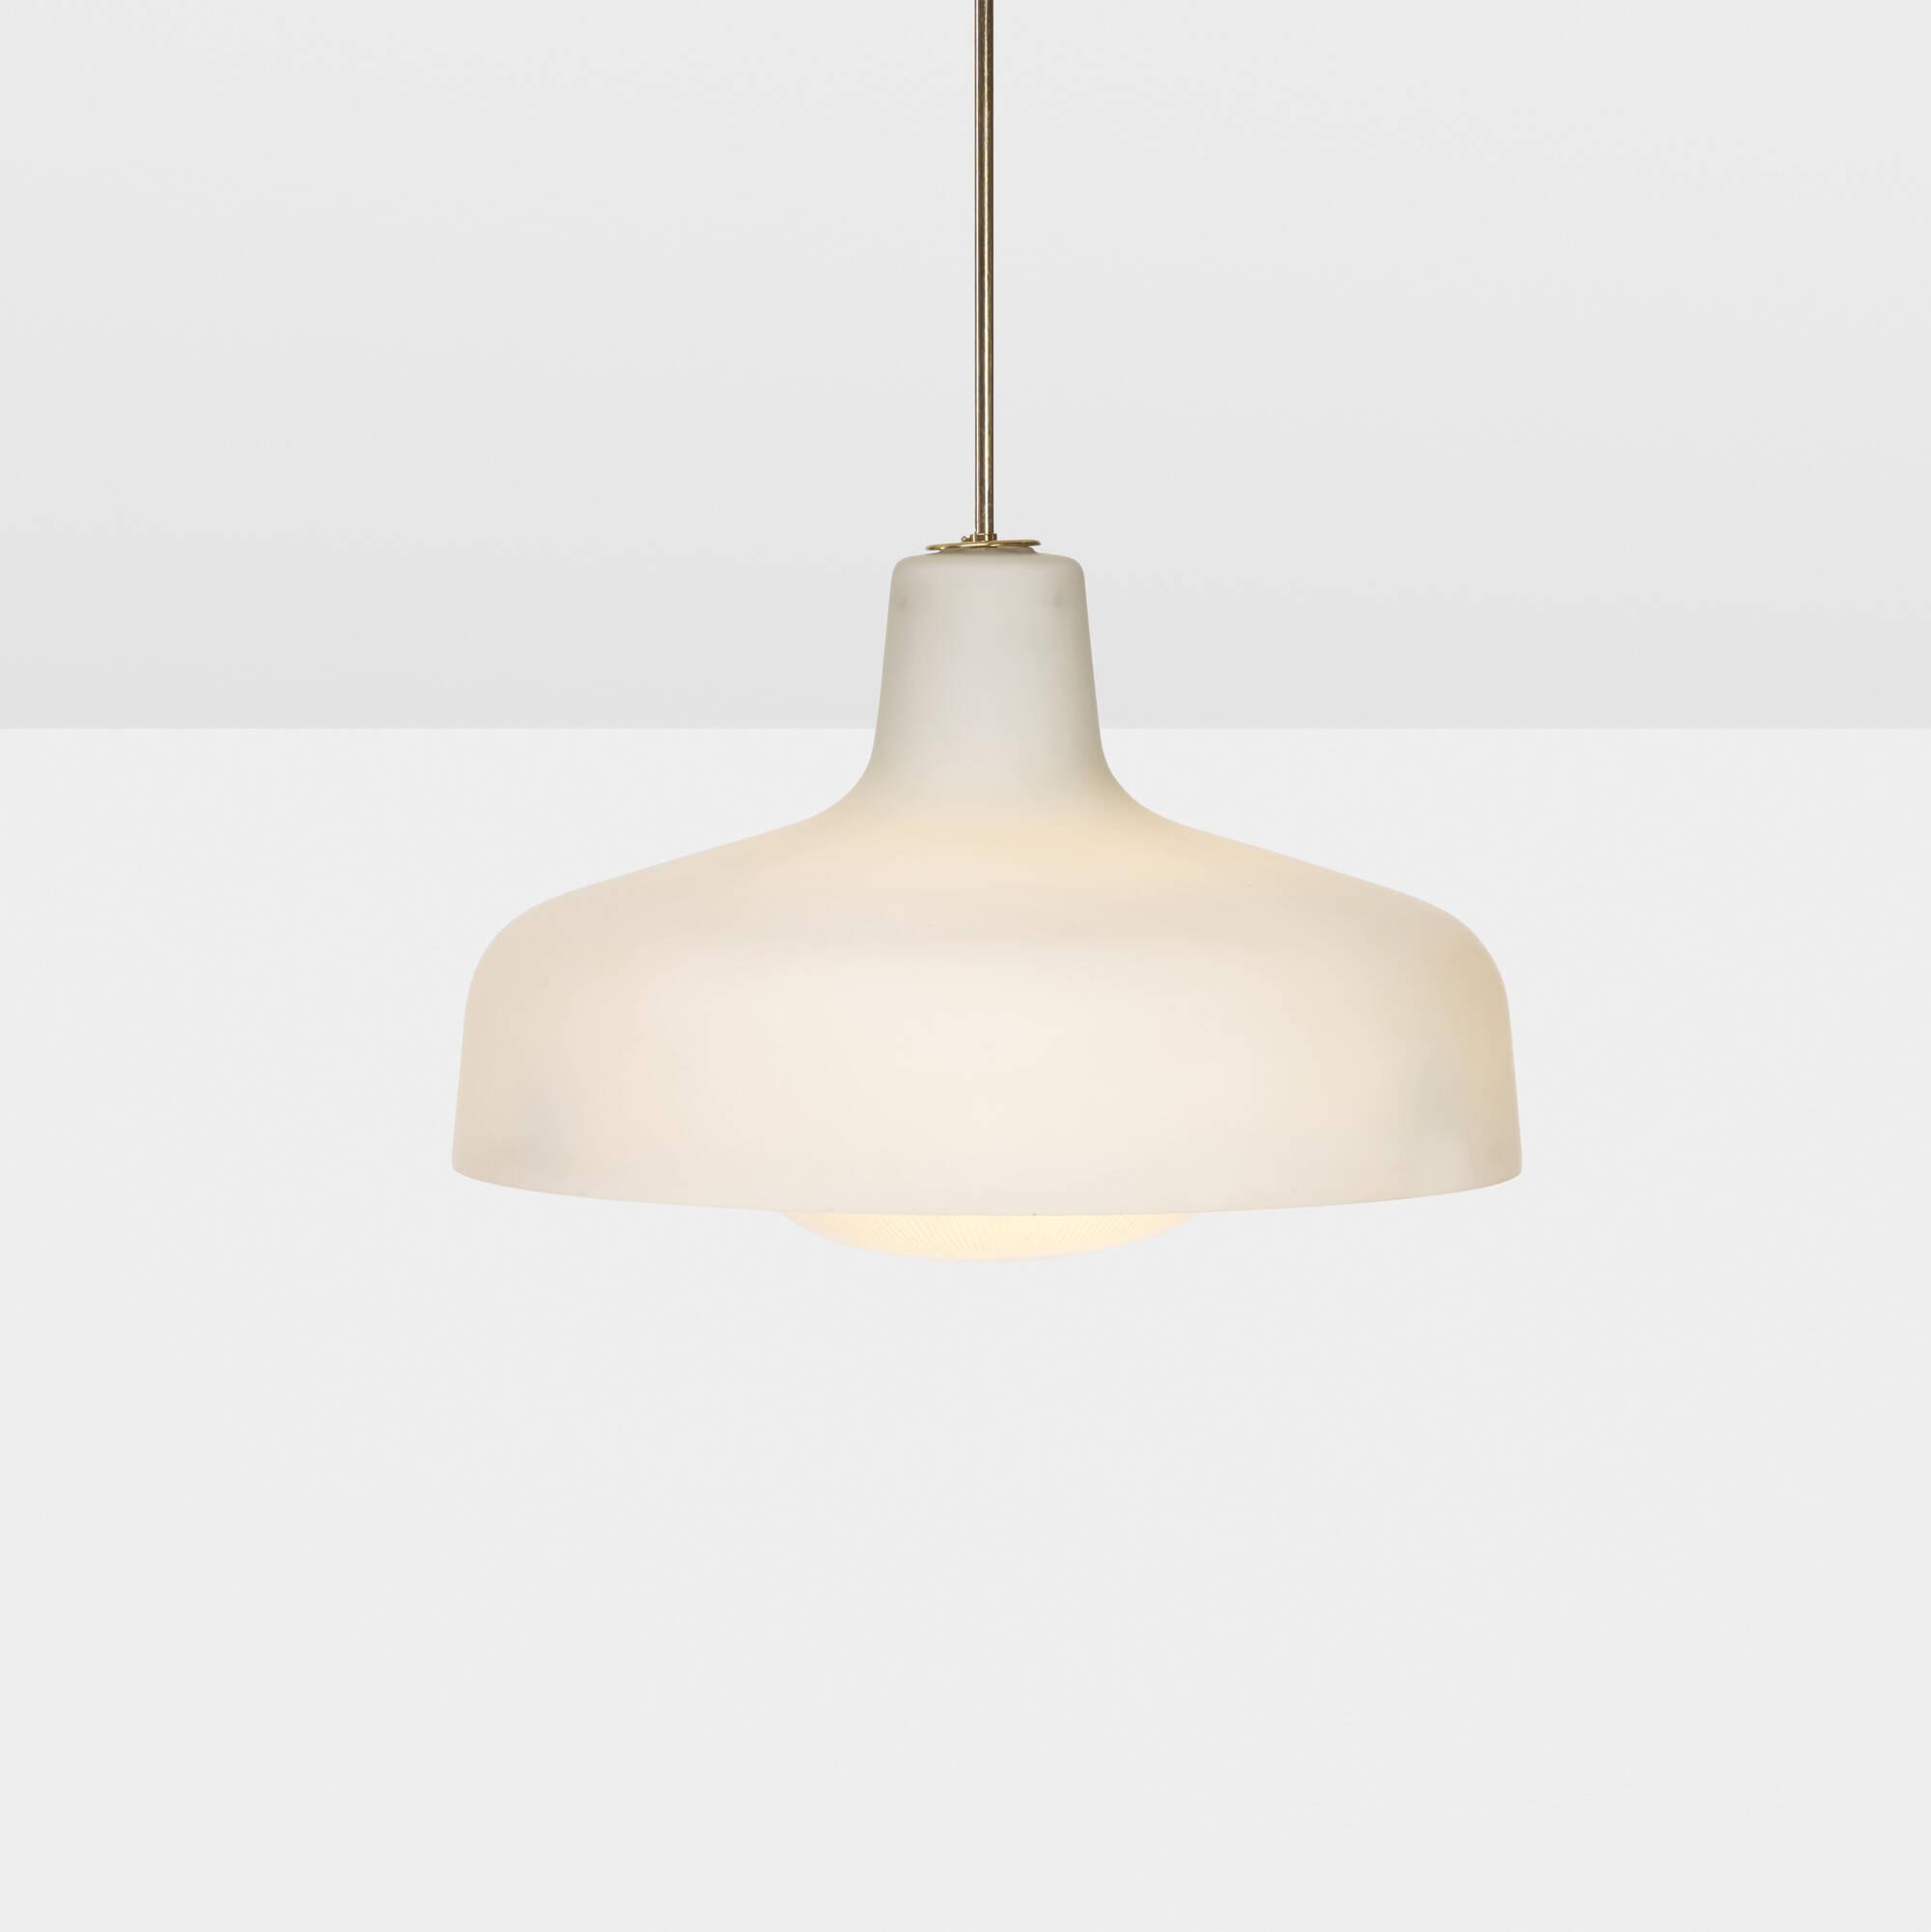 302: Ignazio Gardella / Paolina pendant lamp, model Ls 7 (1 of 1)